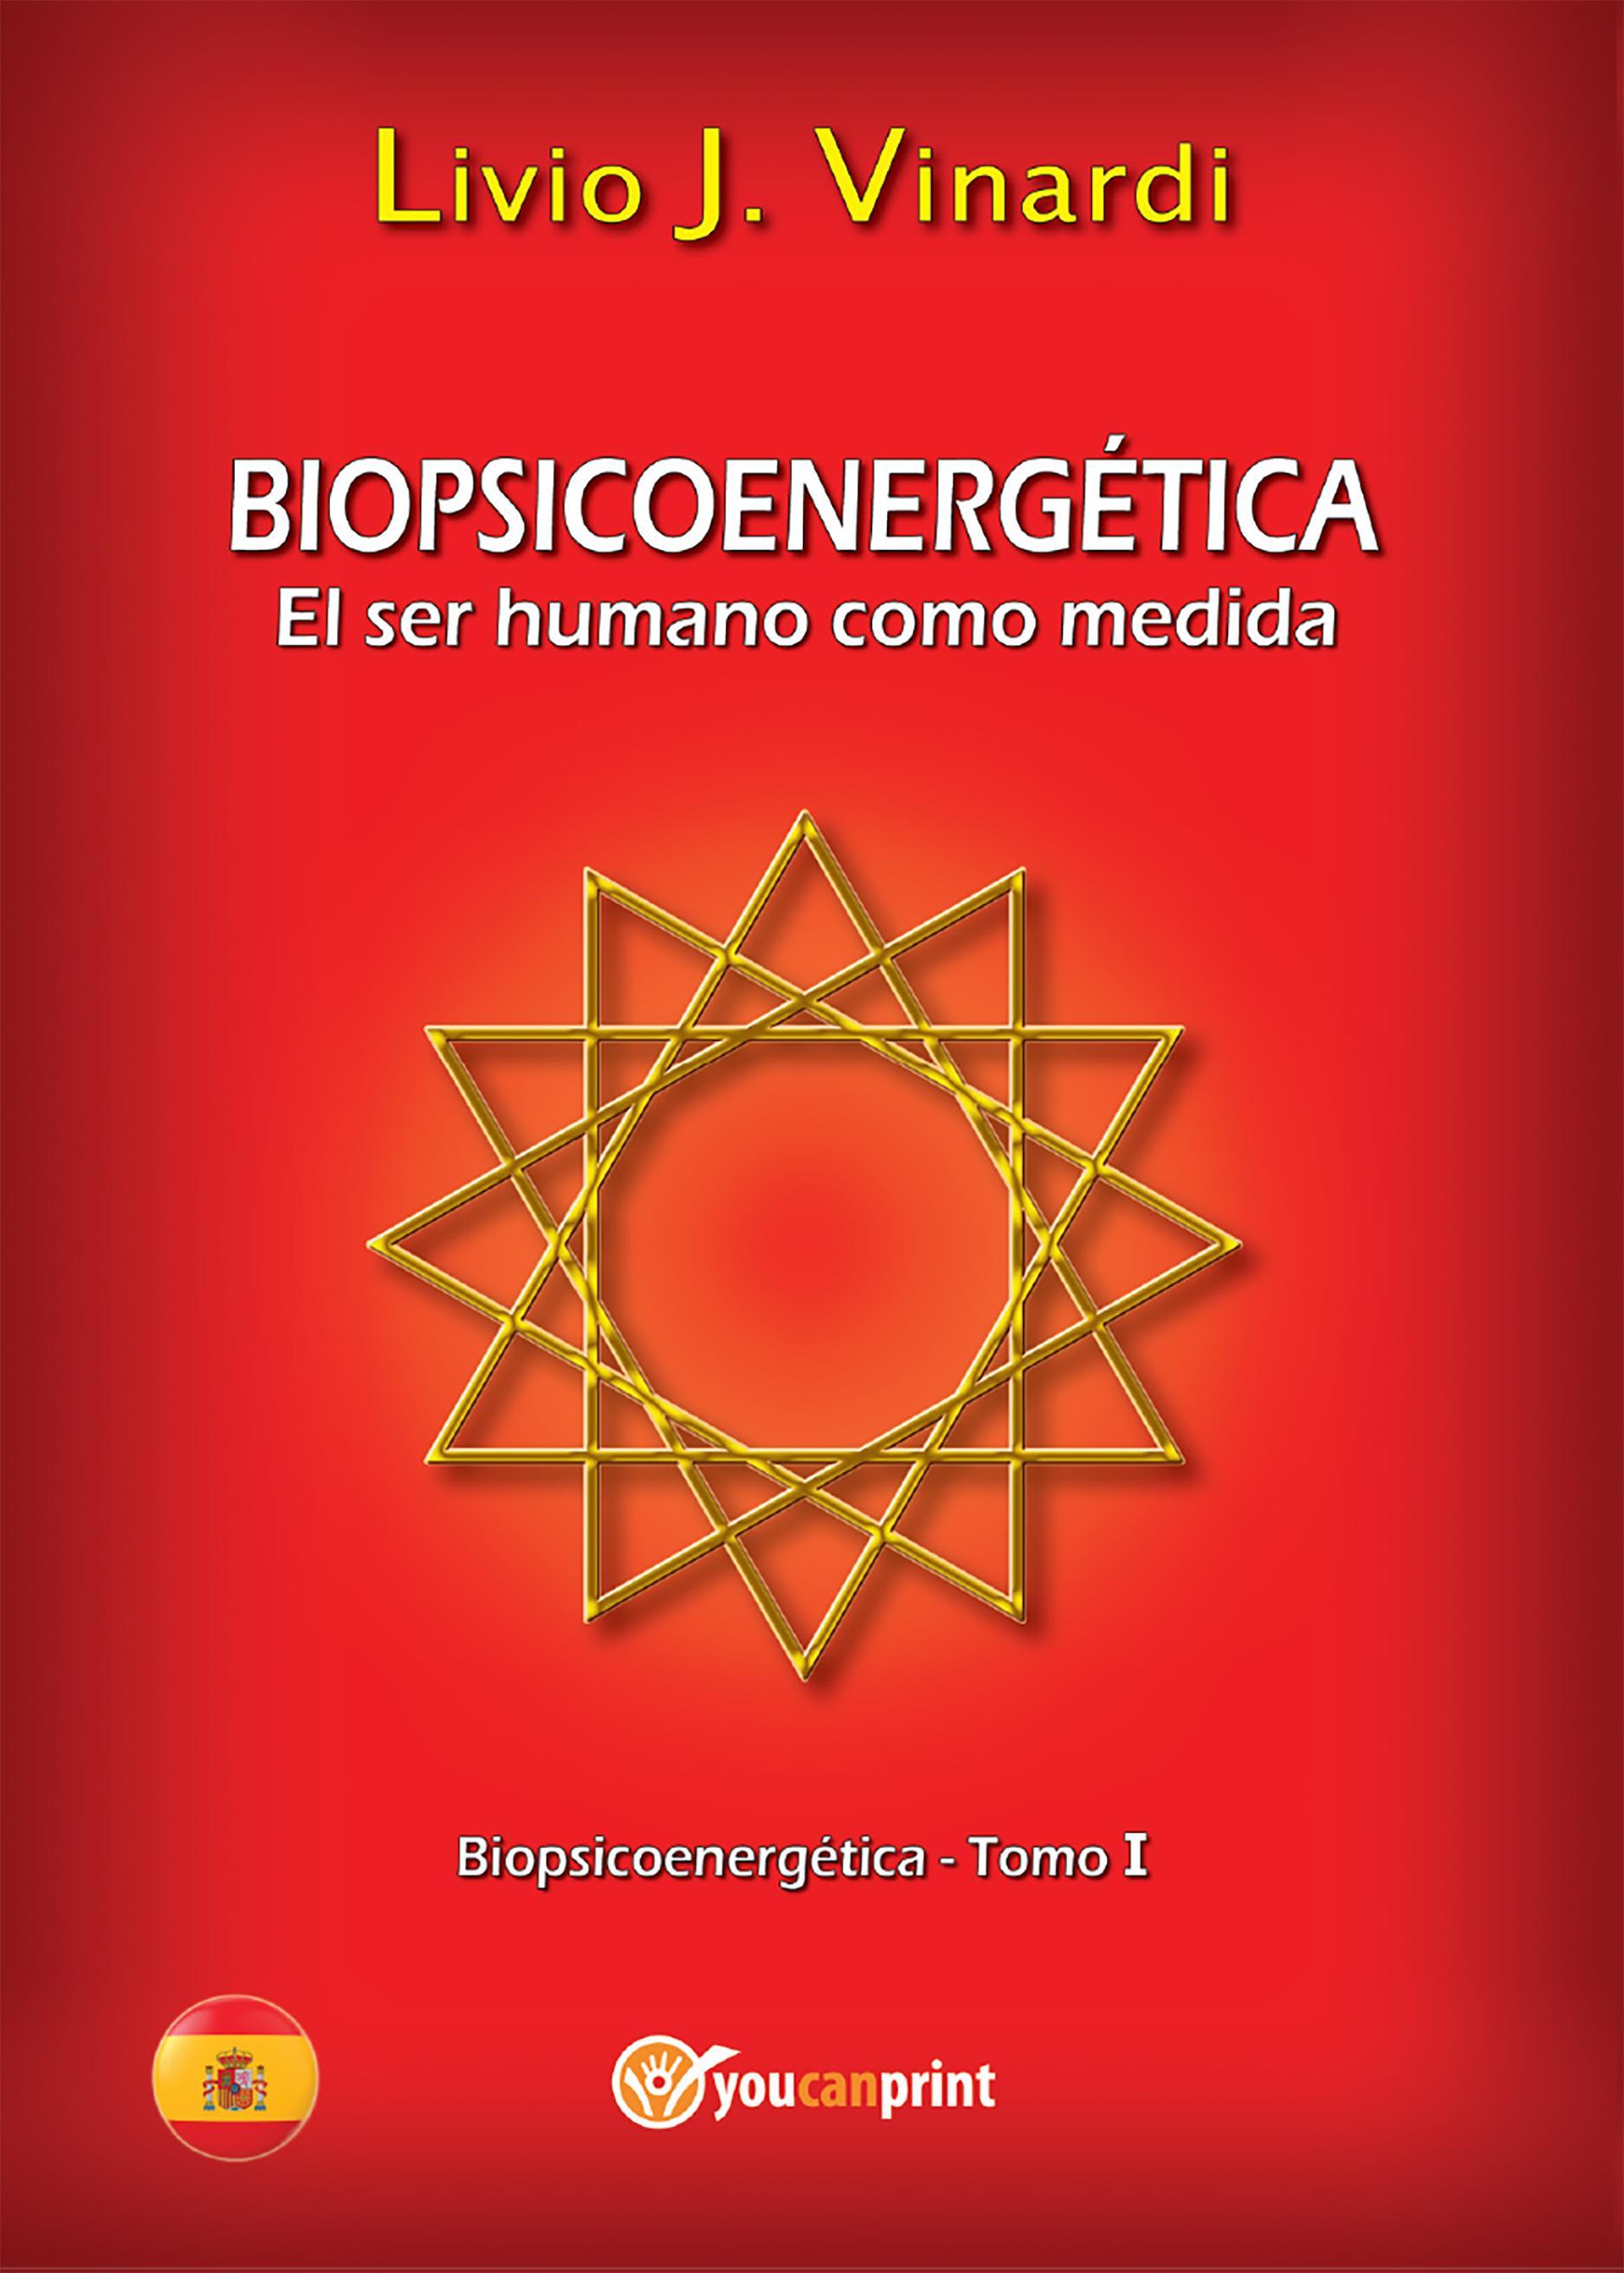 BIOPSICOENERGÉTICA - El ser humano como medida - Tomo I (EN ESPAÑOL)